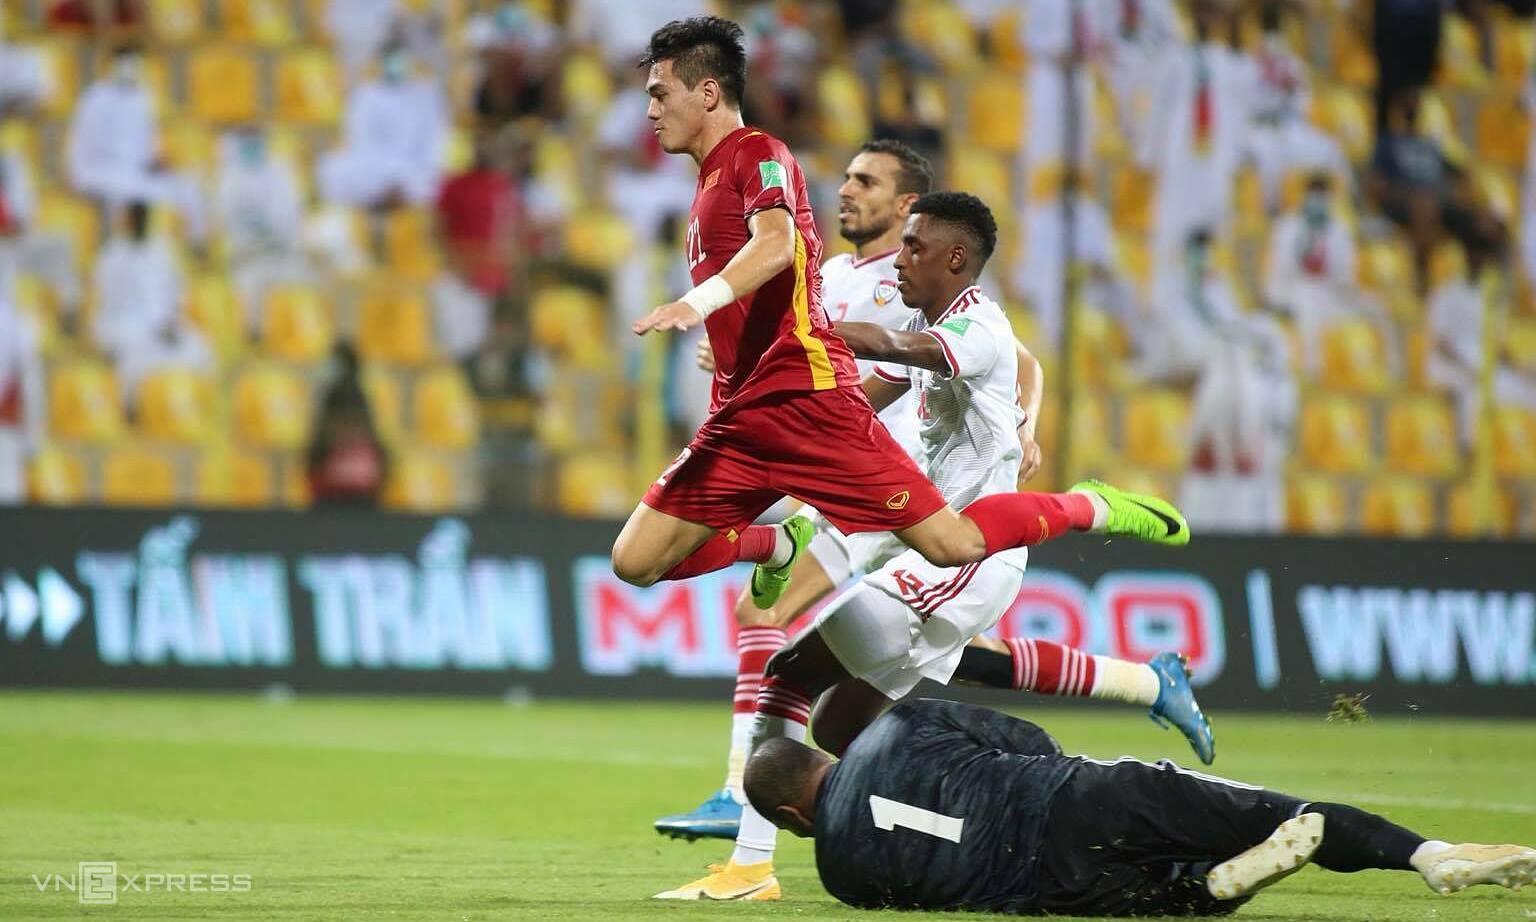 Cách tuyển Việt Nam không bị vỡ trận, để rồi vùng lên về cuối và rút ngắn tỷ số còn 2-3 trước UAE hôm 15/6 cho thấy những tín hiệu đáng chờ đợi ở vòng loại cuối cùng. Ảnh: Lâm Thoả